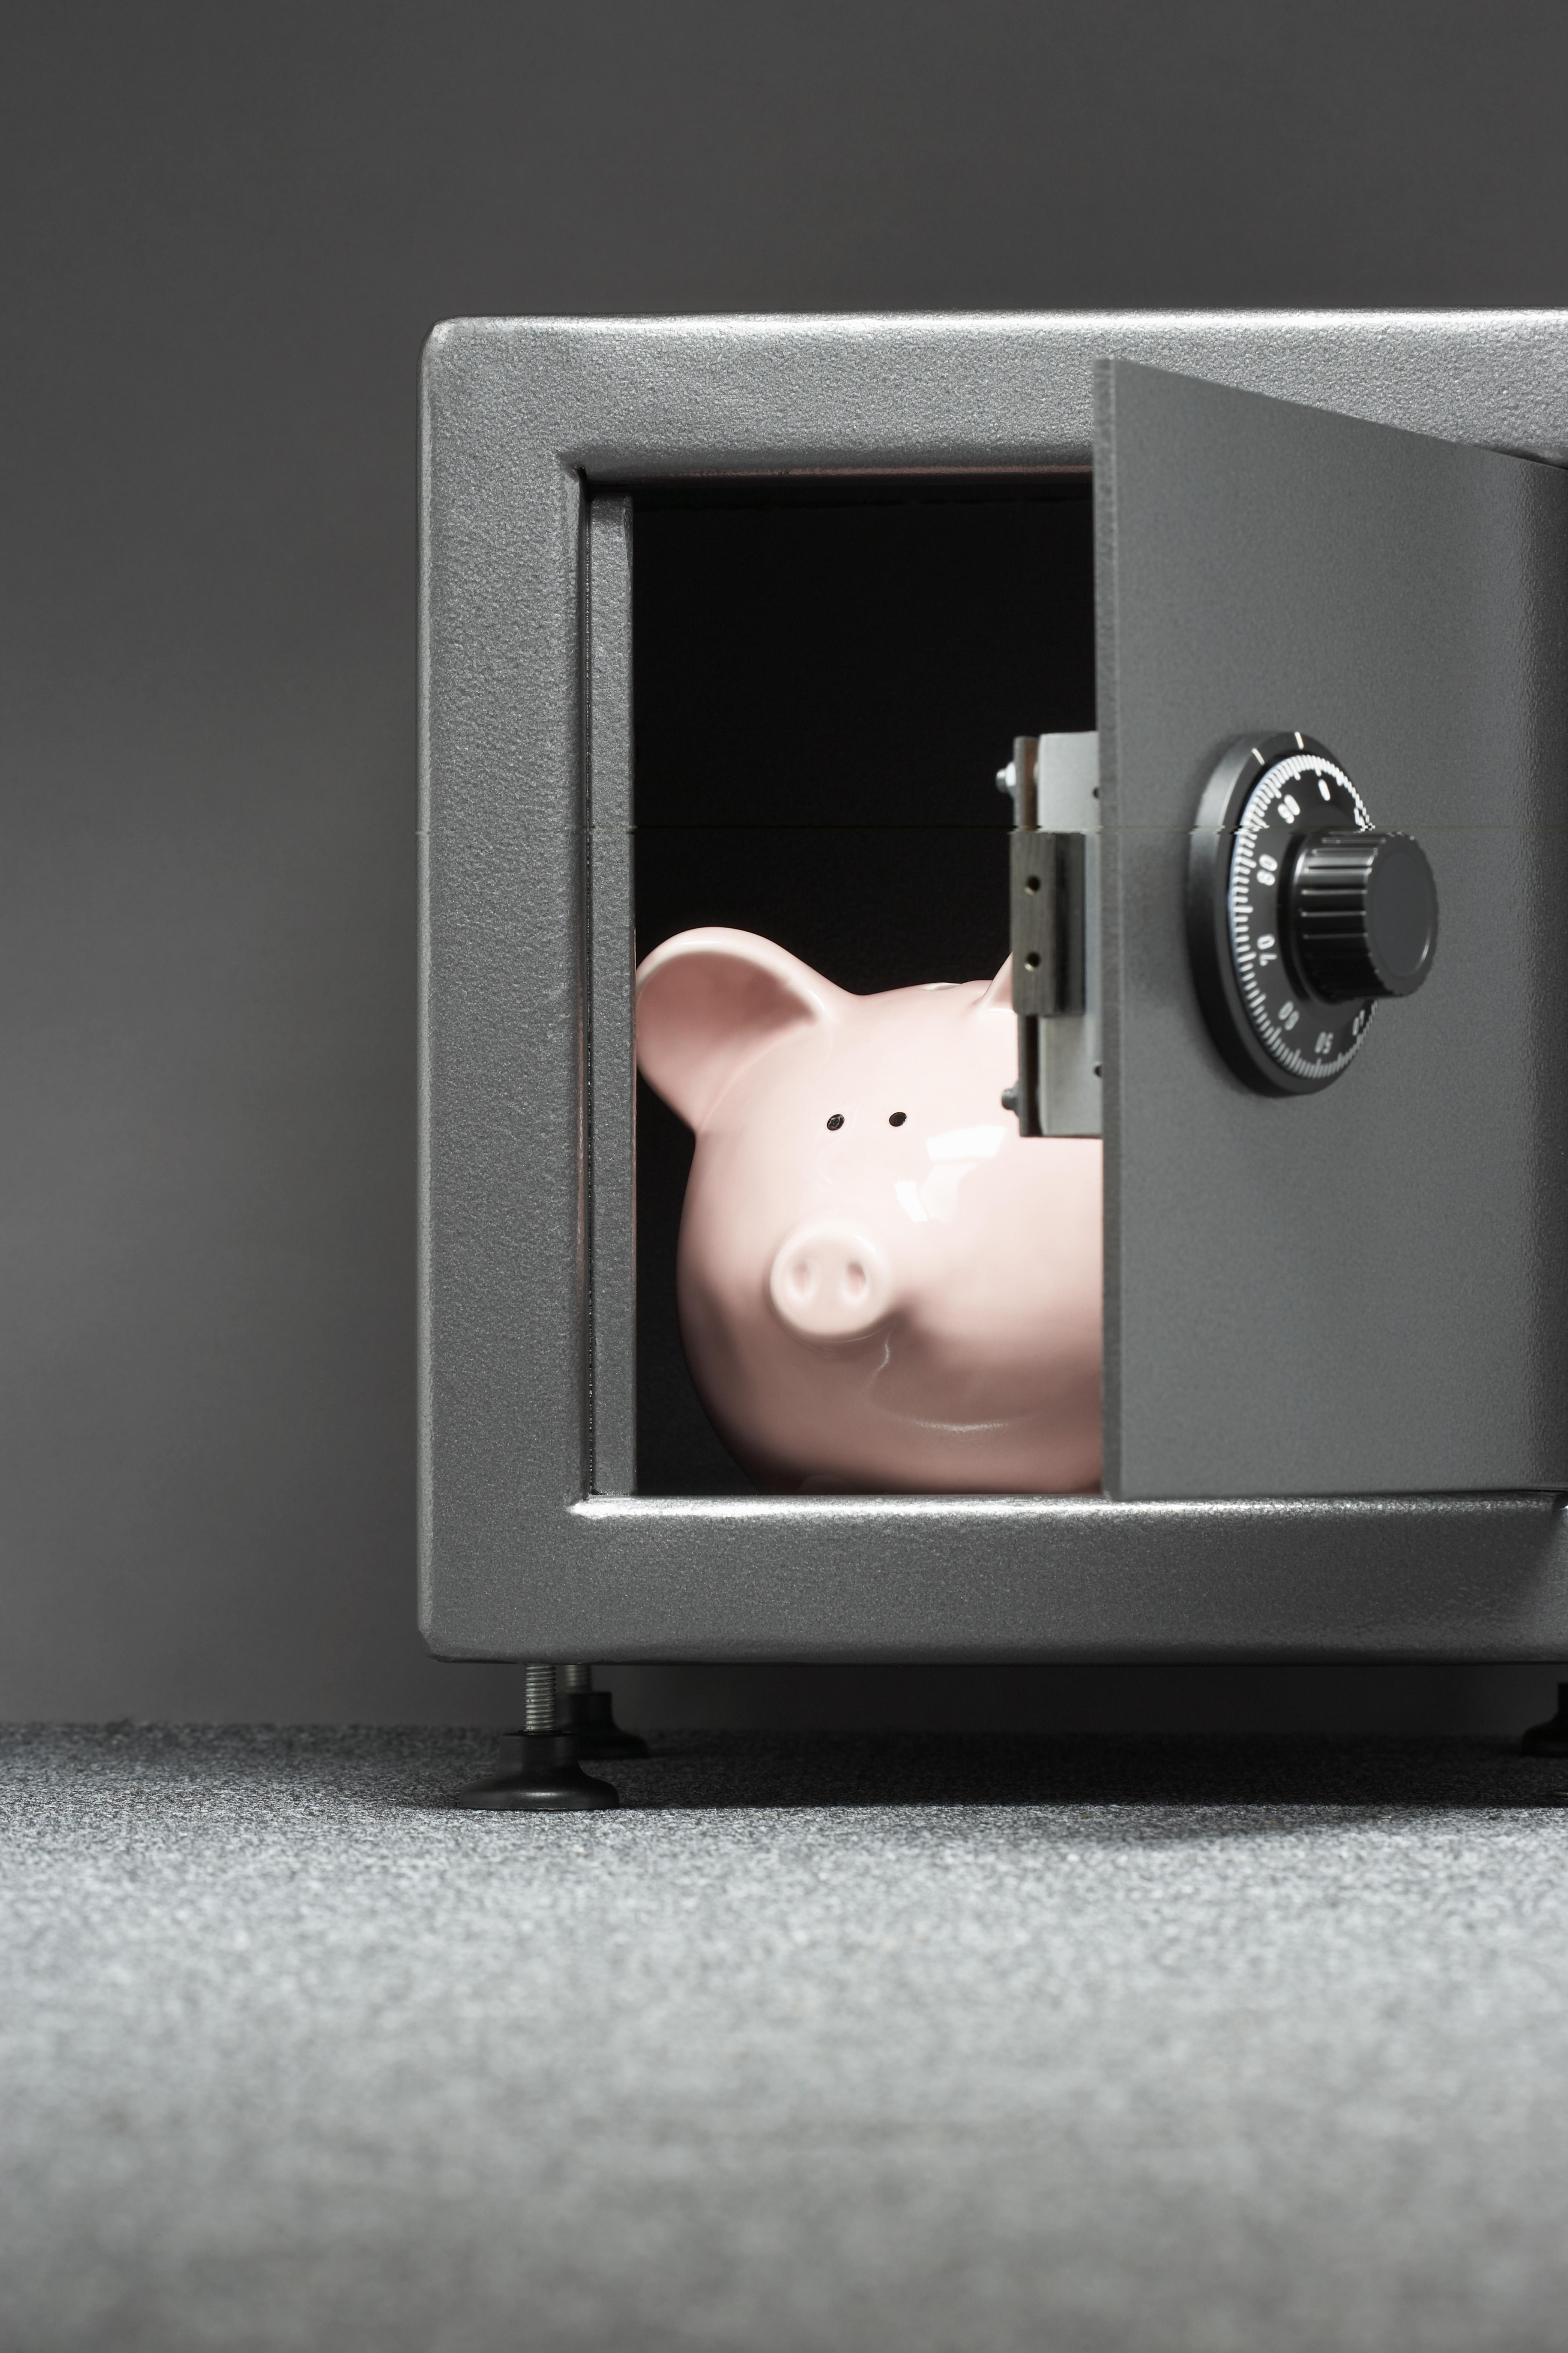 piggy bank safe in a safe